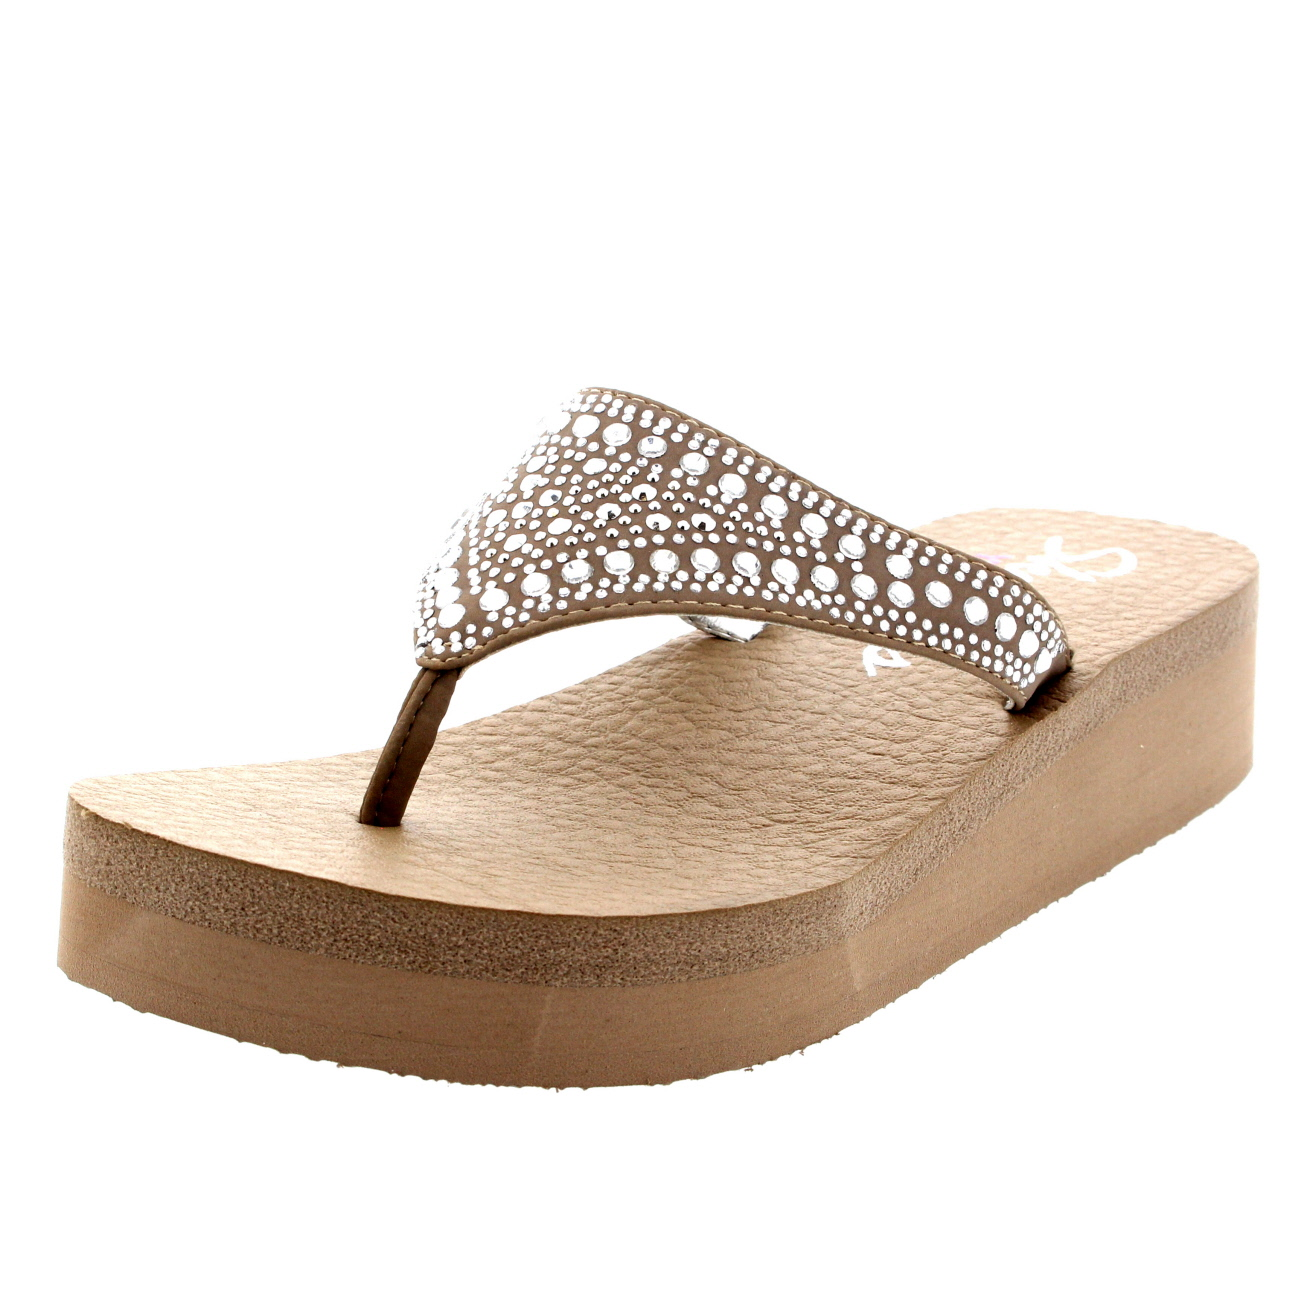 89fadd07887 skechers memory foam sandals womens sale   OFF65% Discounted